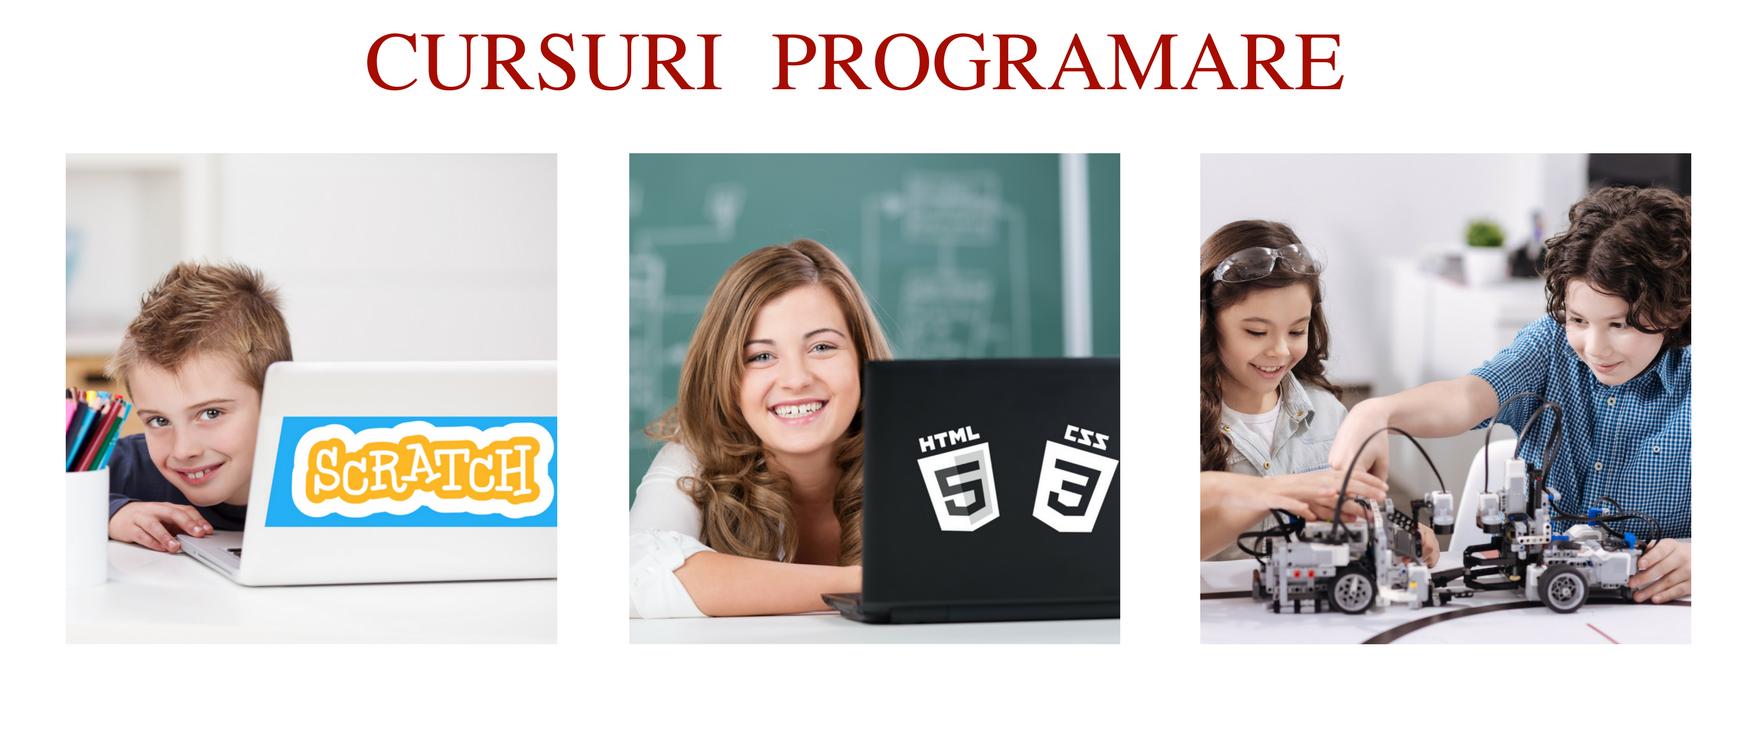 Cursuri-de-Programare-pentru-Copii-VictoriaEdu1